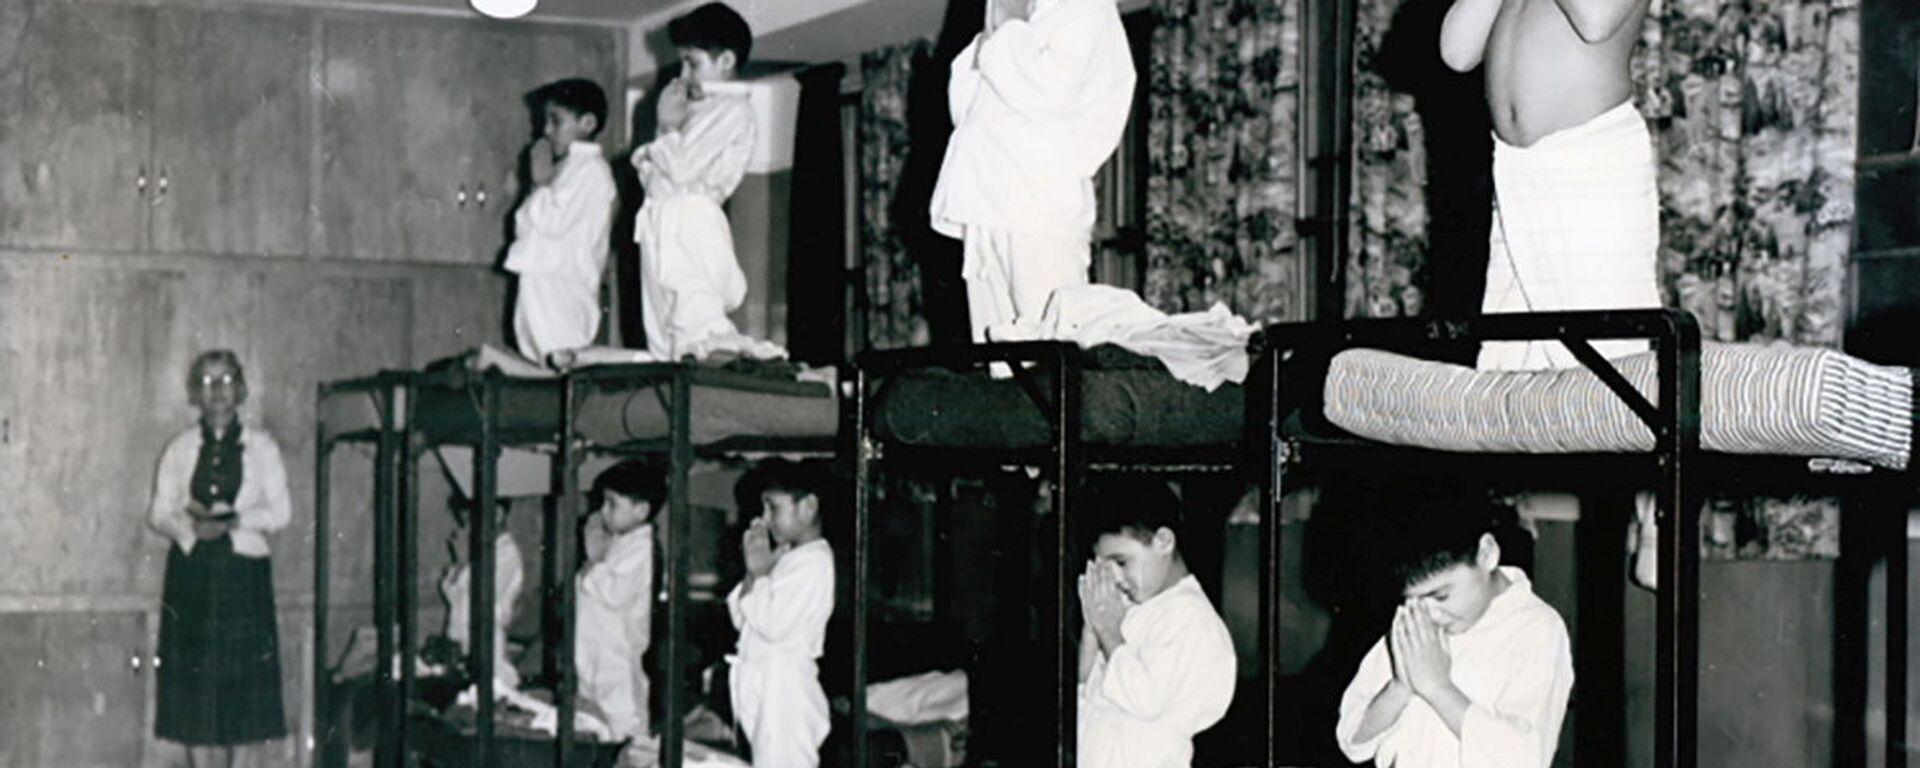 Мальчики молятся на кроватях в школе-интернате Bishop Horden в Канаде, 1950 год  - Sputnik Mundo, 1920, 07.06.2021